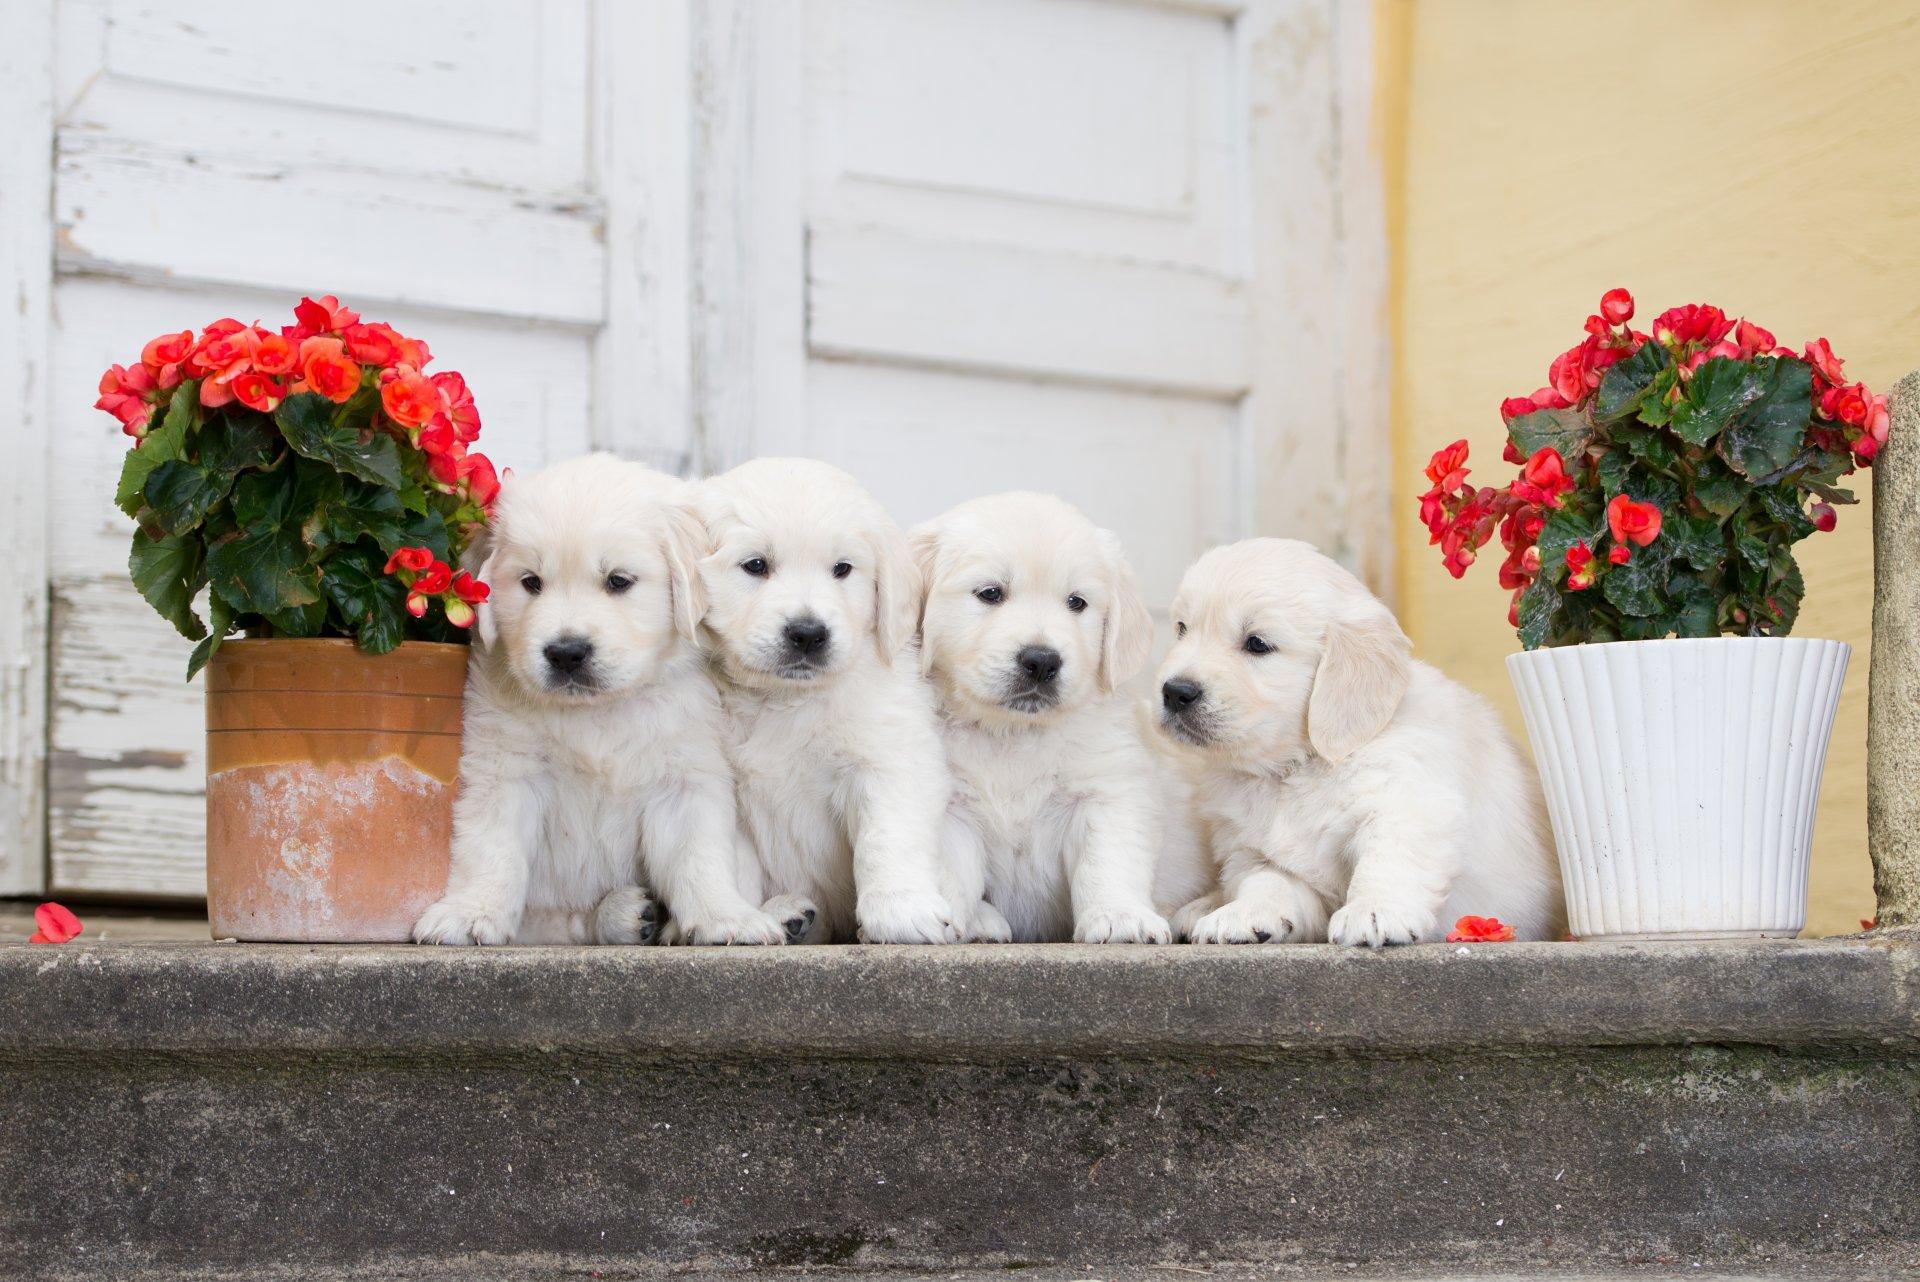 щенок и цветы картинки можете увидеть группу